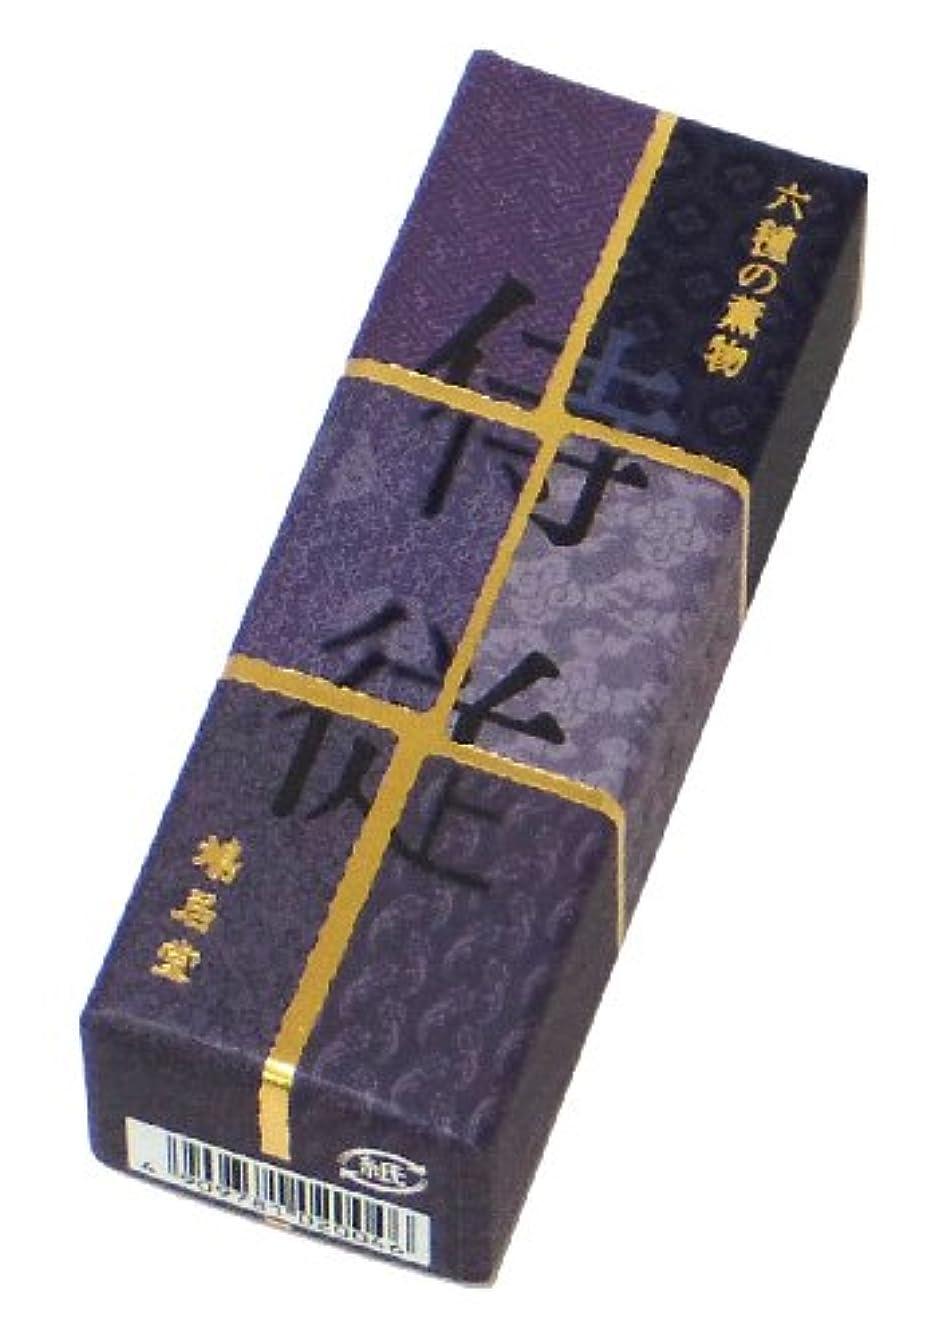 ニッケル暗い説教鳩居堂のお香 六種の薫物 侍従 20本入 6cm